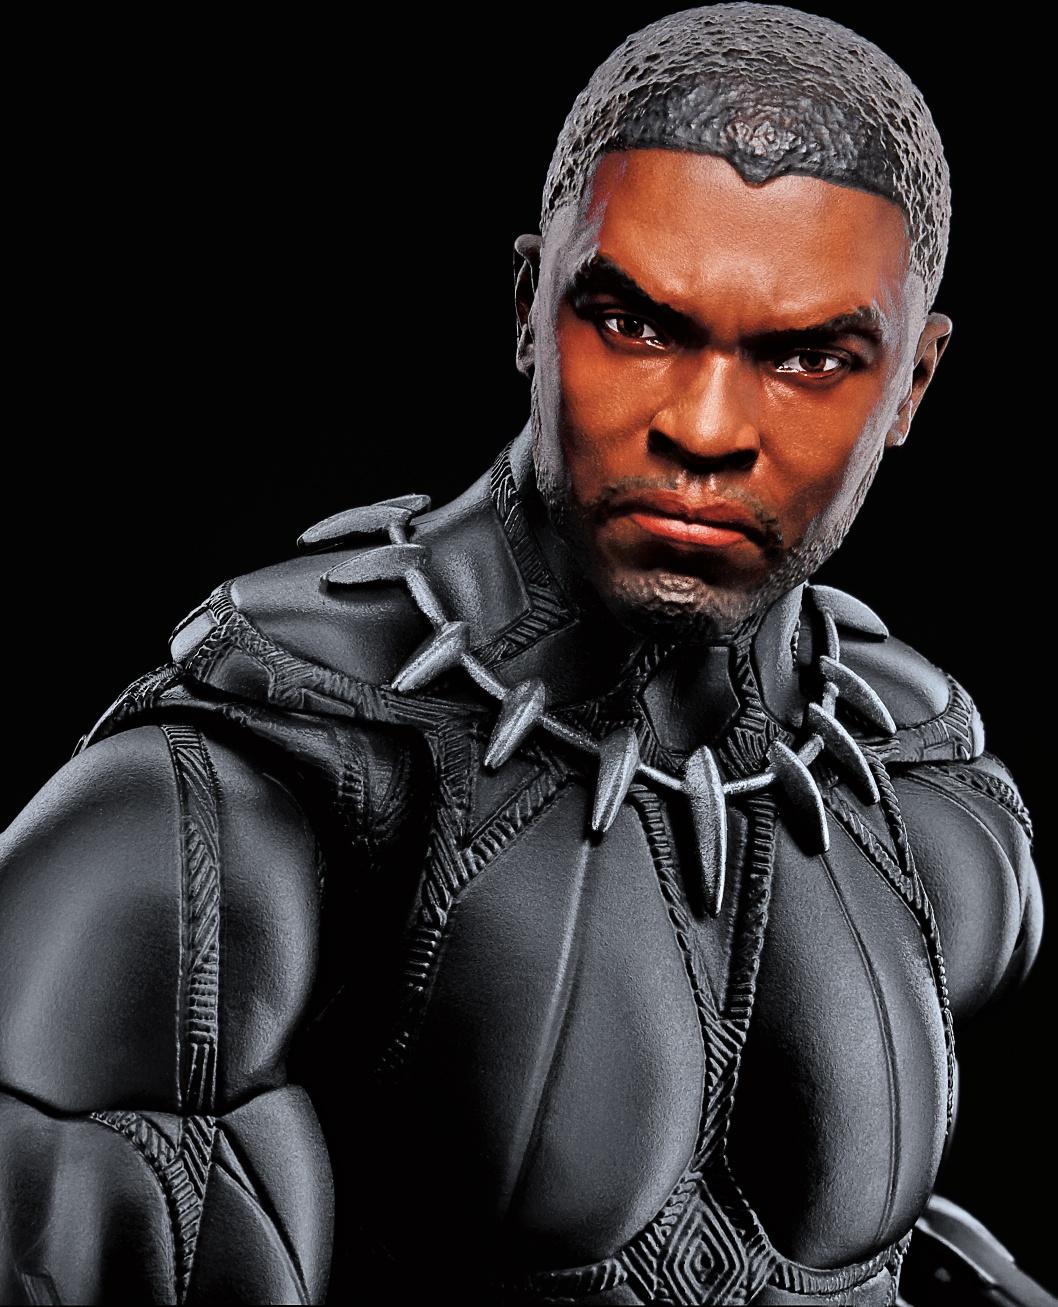 Hasbro: Marvel Legends 12-inch Black Panther revealed at D23!